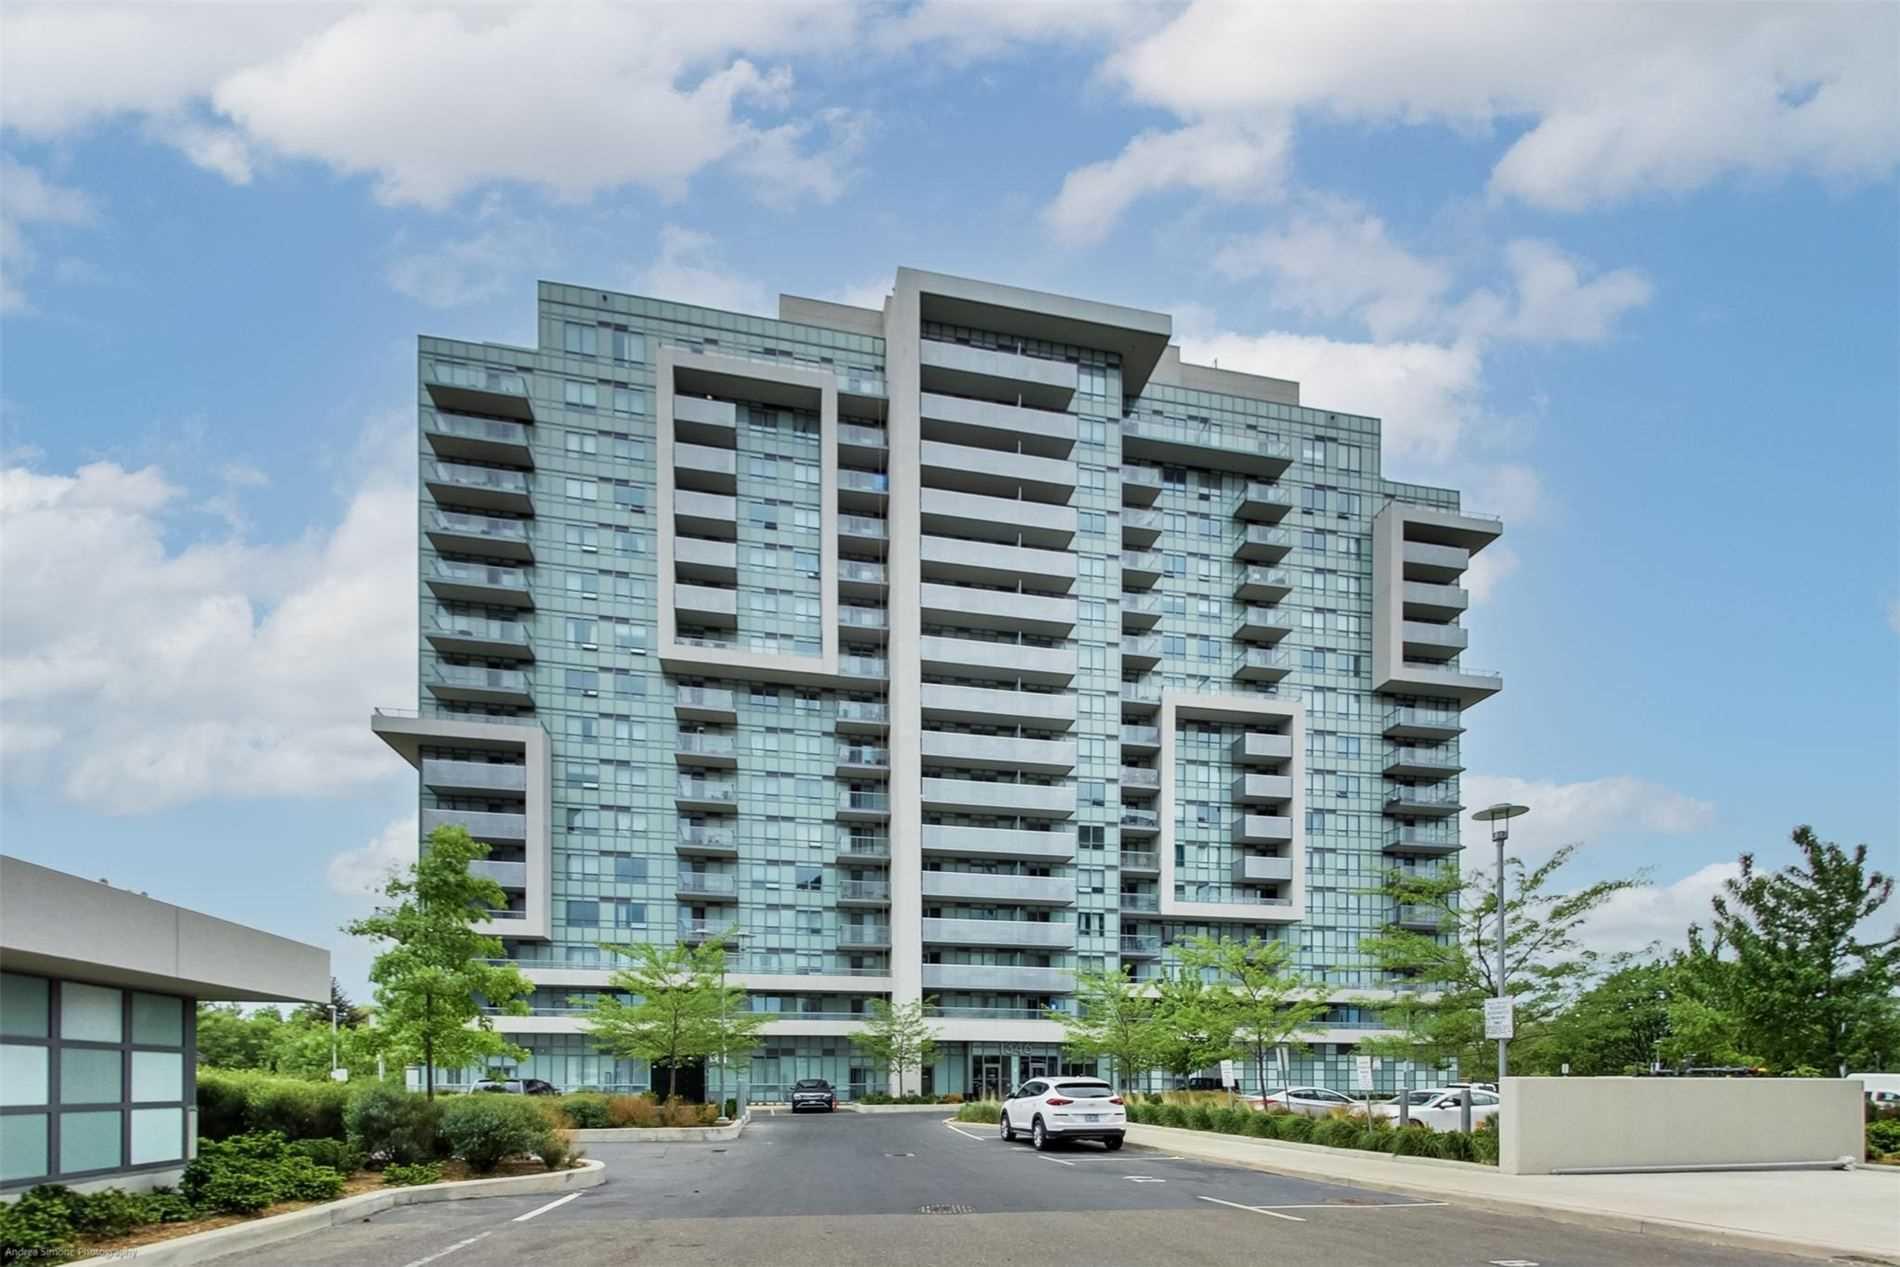 House For Sale Unit 1512, 1346 Danforth Rd, M4C1J8, Eglinton East, Toronto